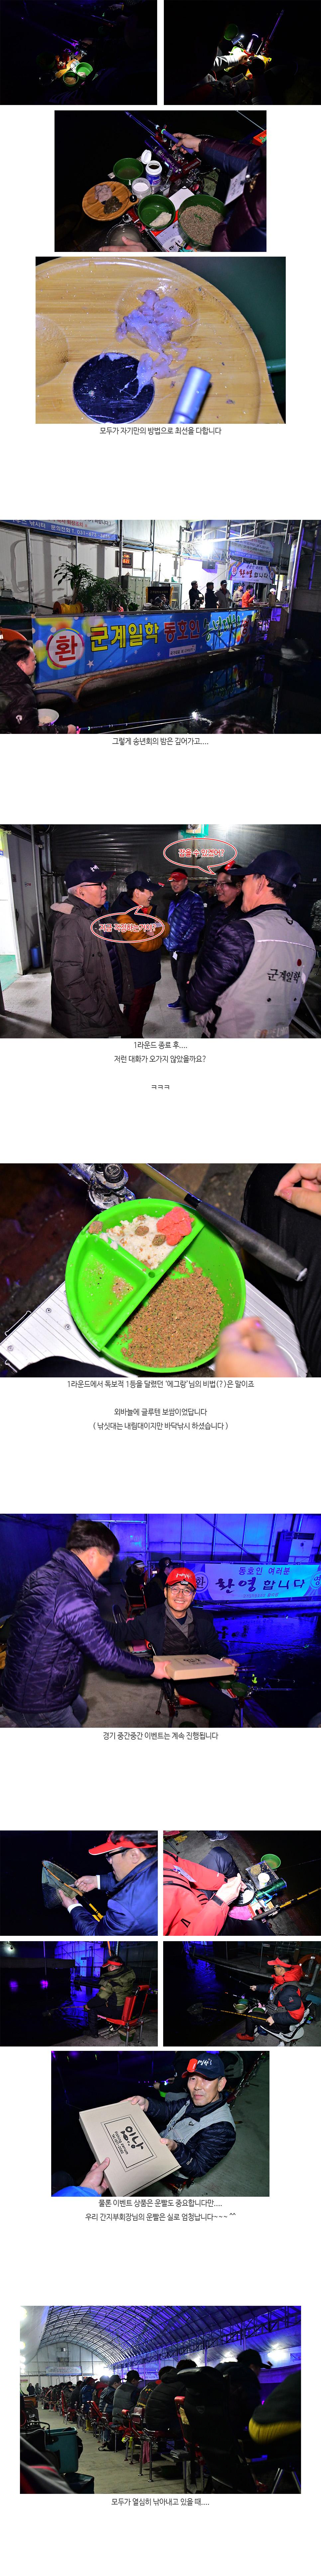 2018 군계일학 송년회(농촌지) - 05.jpg